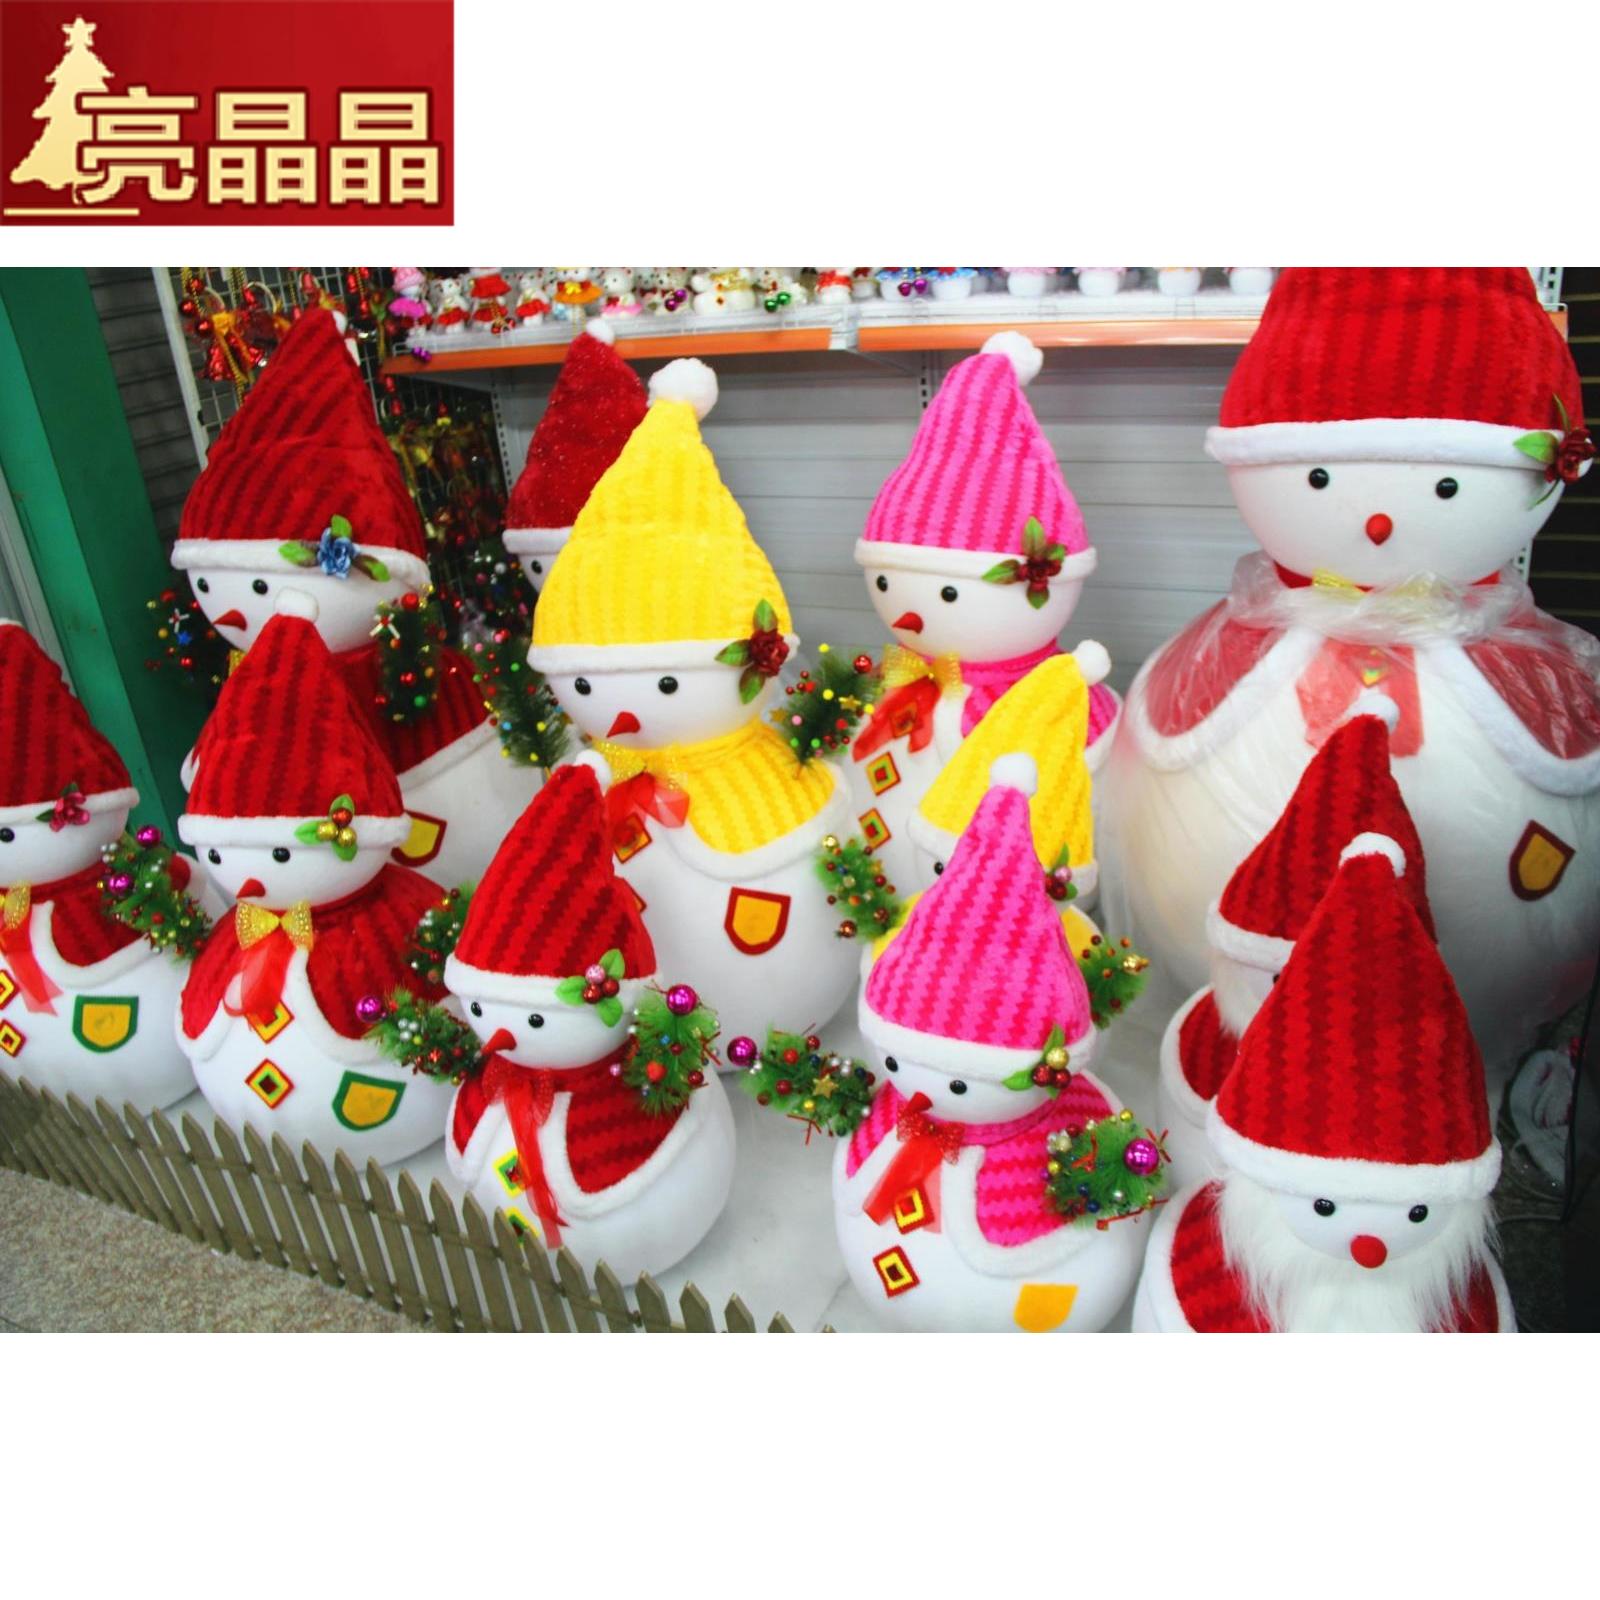 Рождество декоративный статья рождественский снег человек кукла пена рождество сцена крупномасштабный реквизит отели рождество украшение